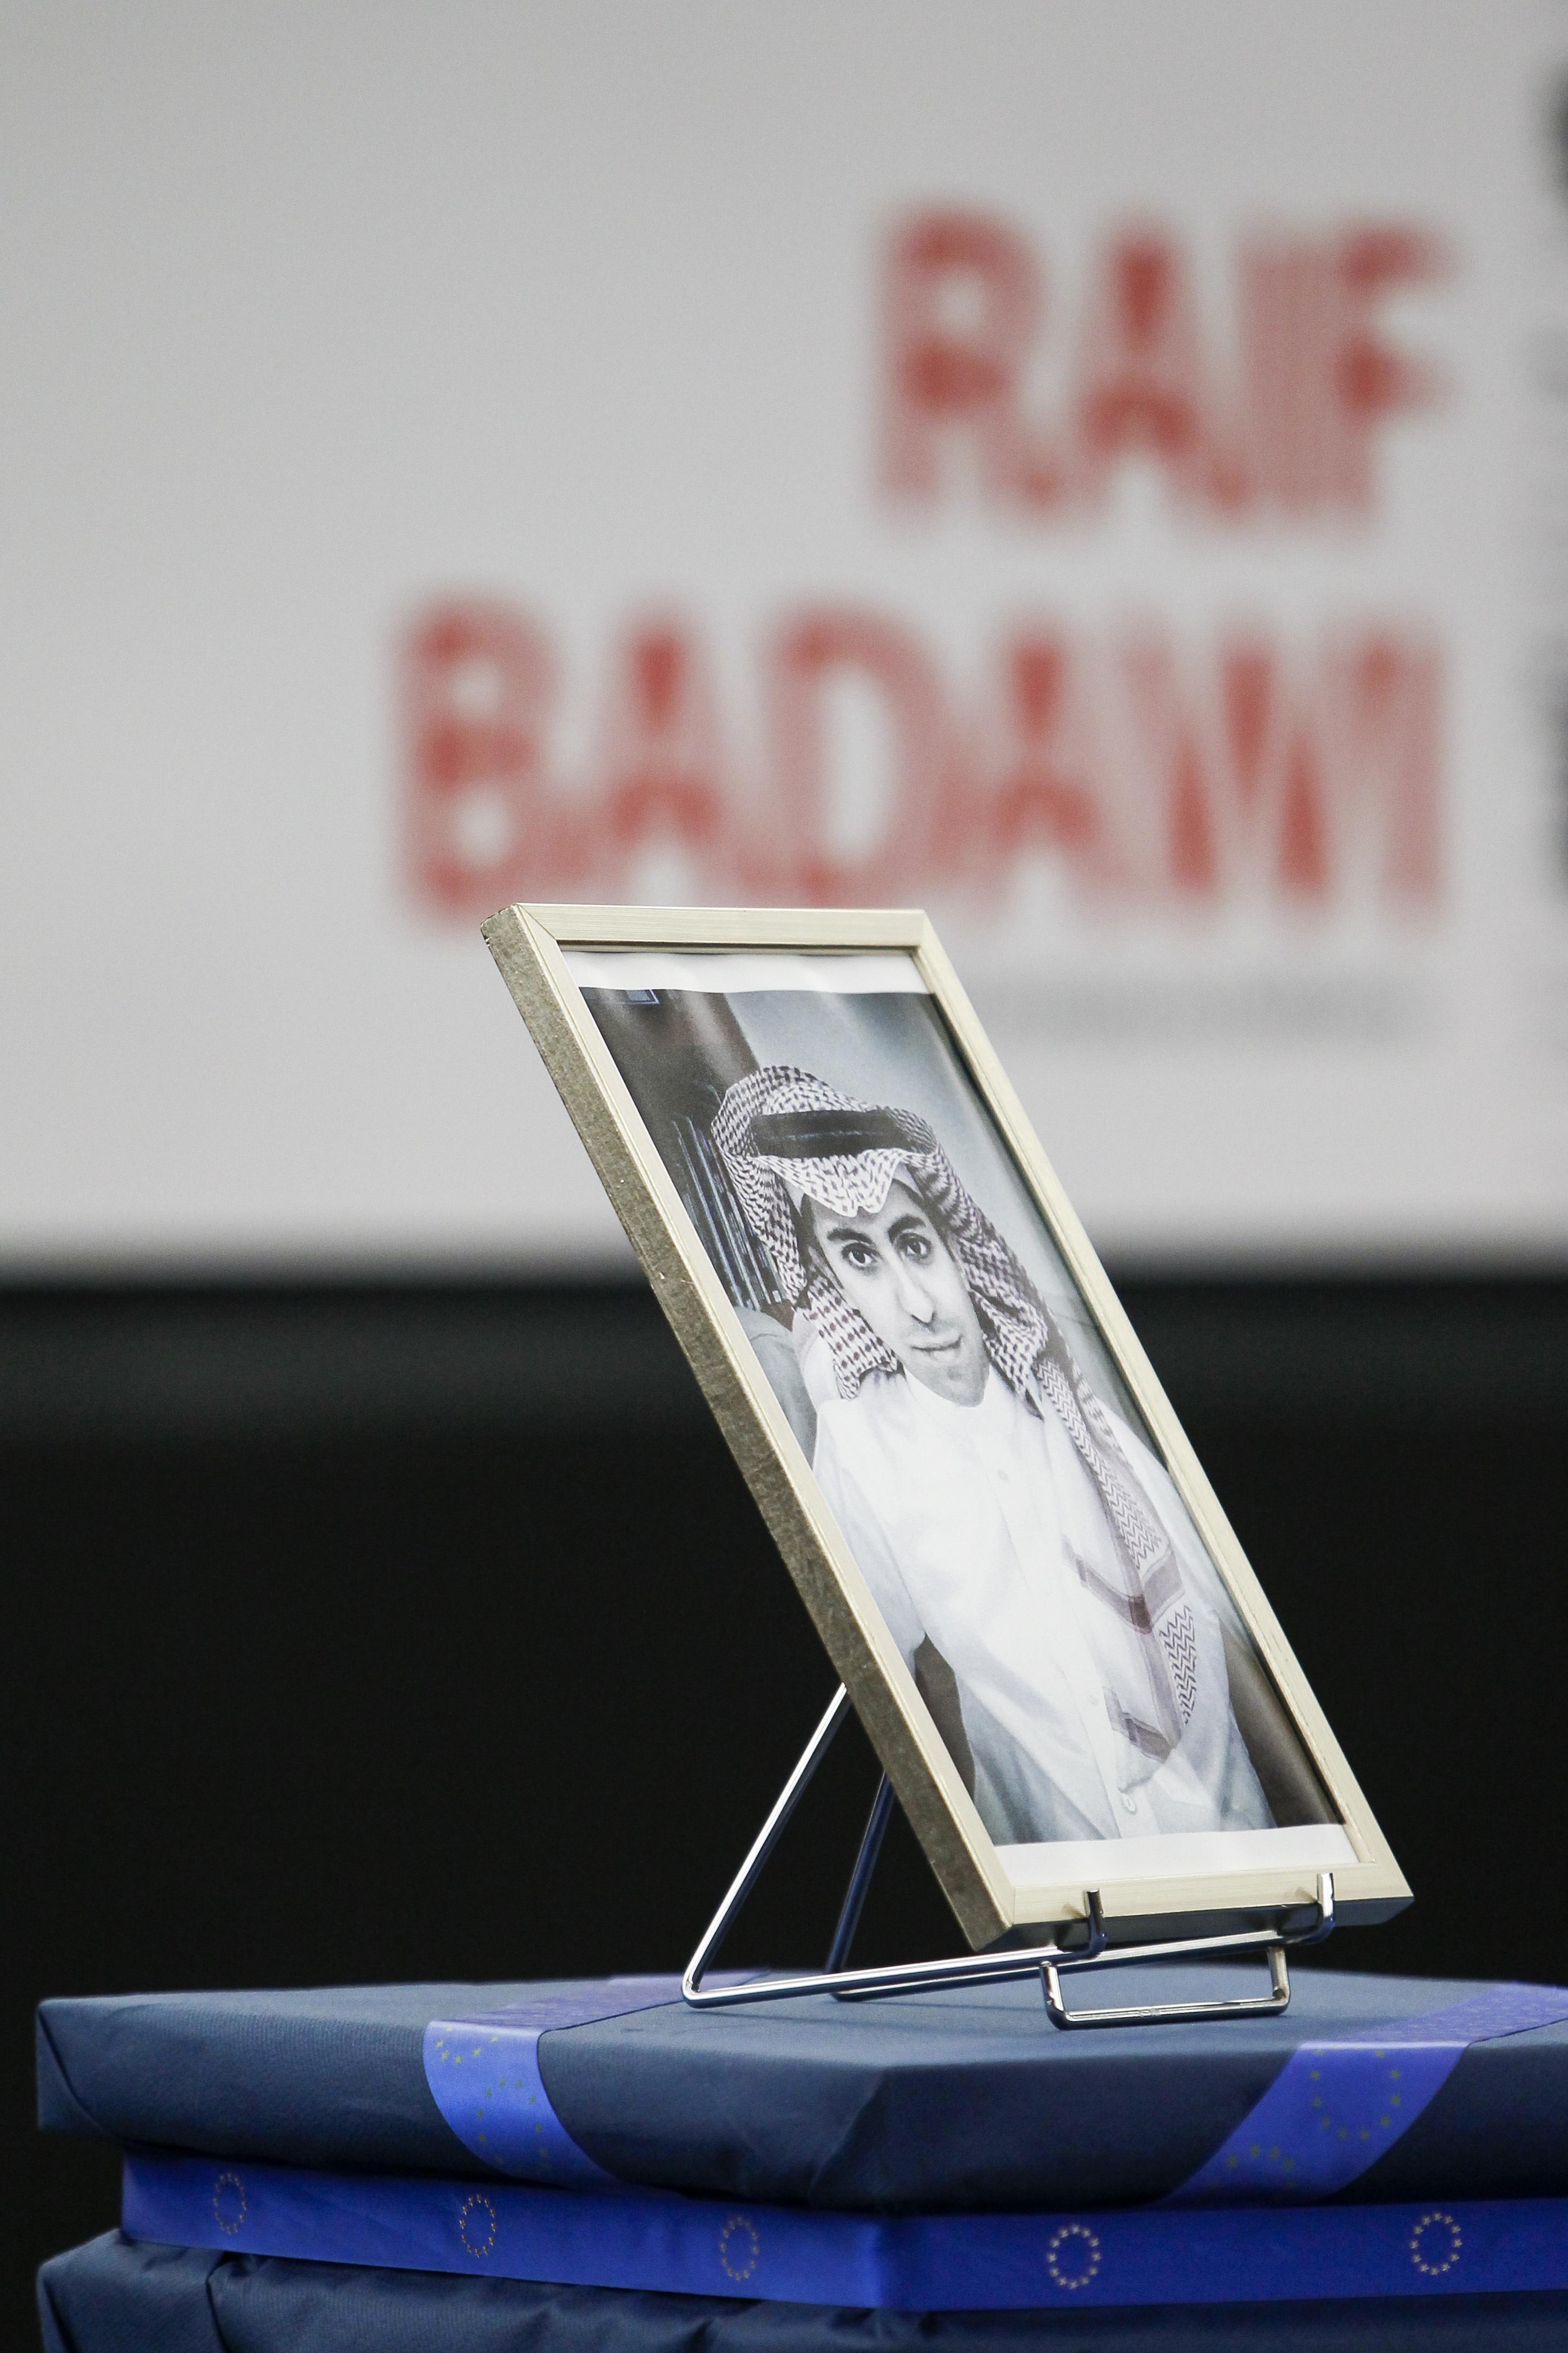 Saudi blogger Raif Badawi wins the 2015 Sakharov Prize